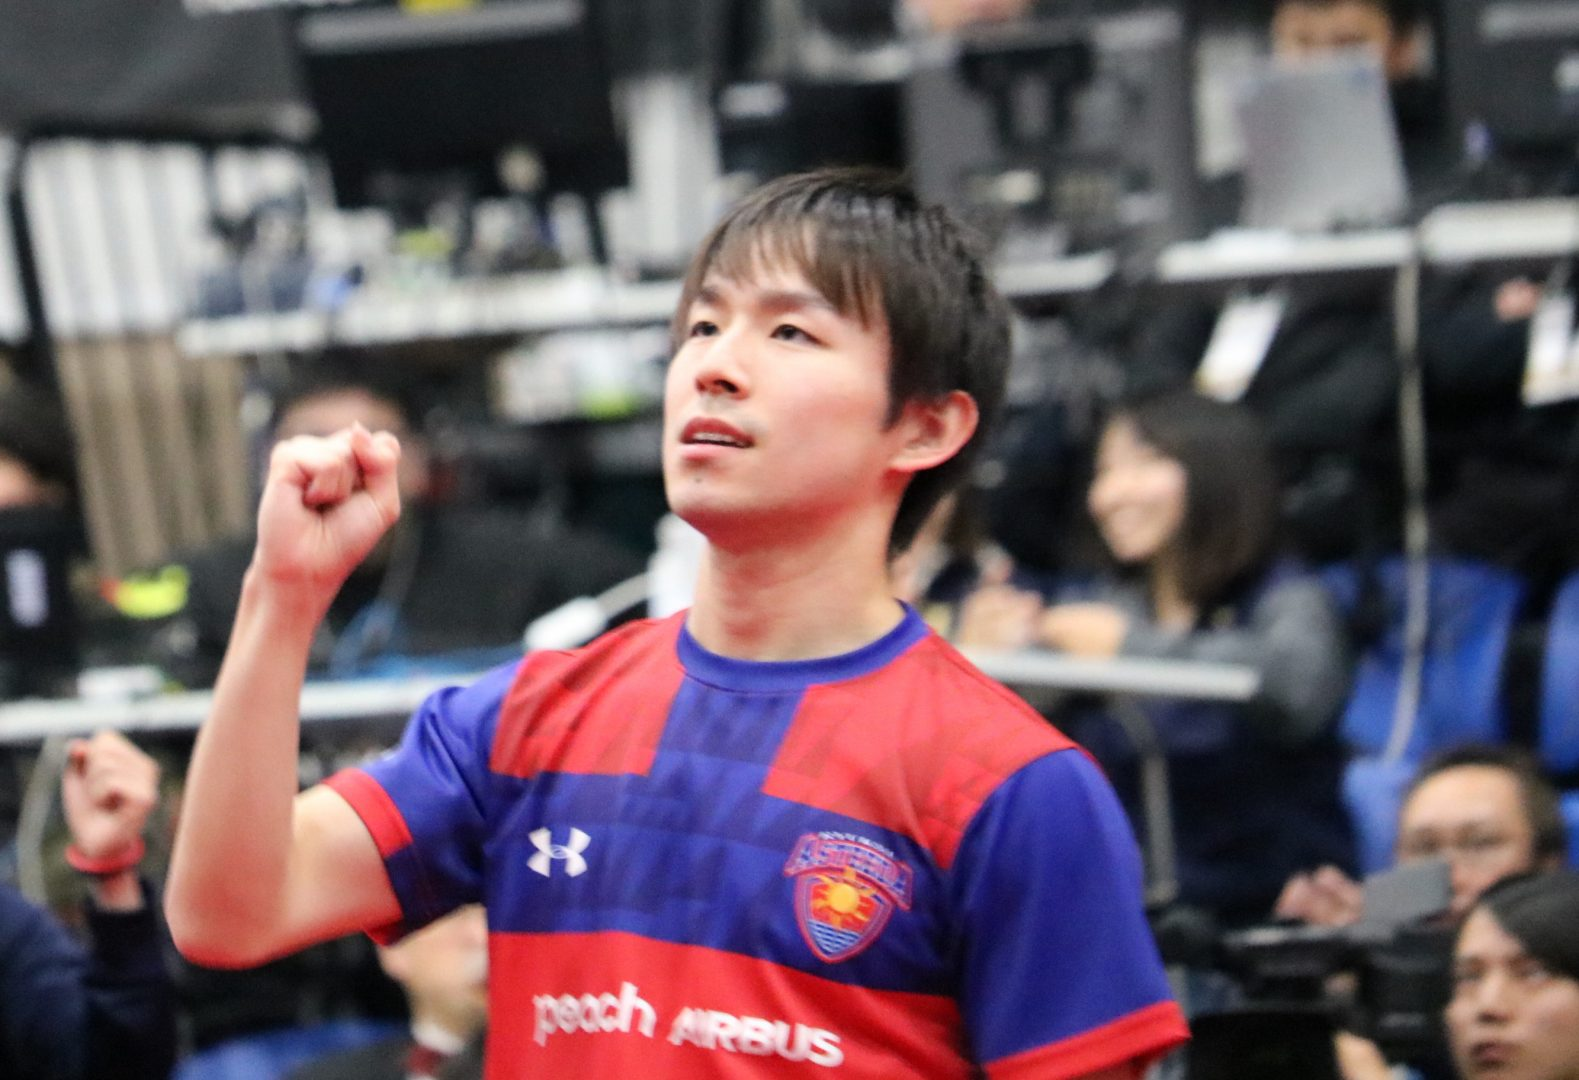 【Tリーグ】丹羽孝希「成⻑できる環境を求めて移籍を決断」 琉球との契約満了を発表